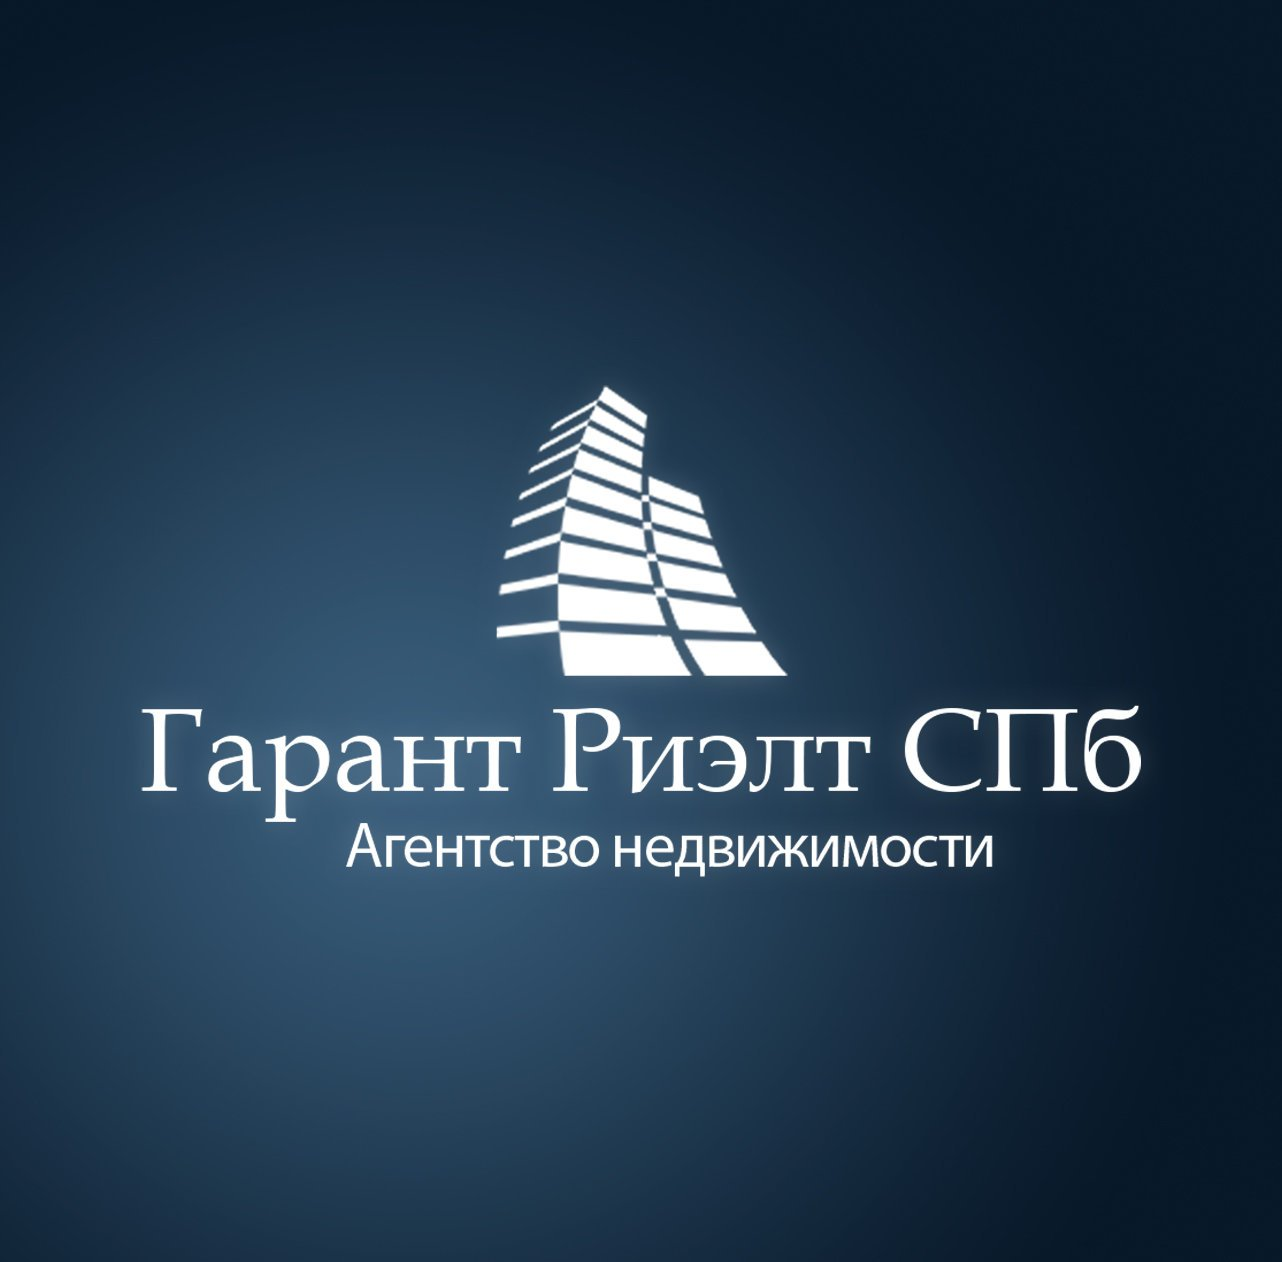 агентство недвижимости за рубежом в санкт петербурге